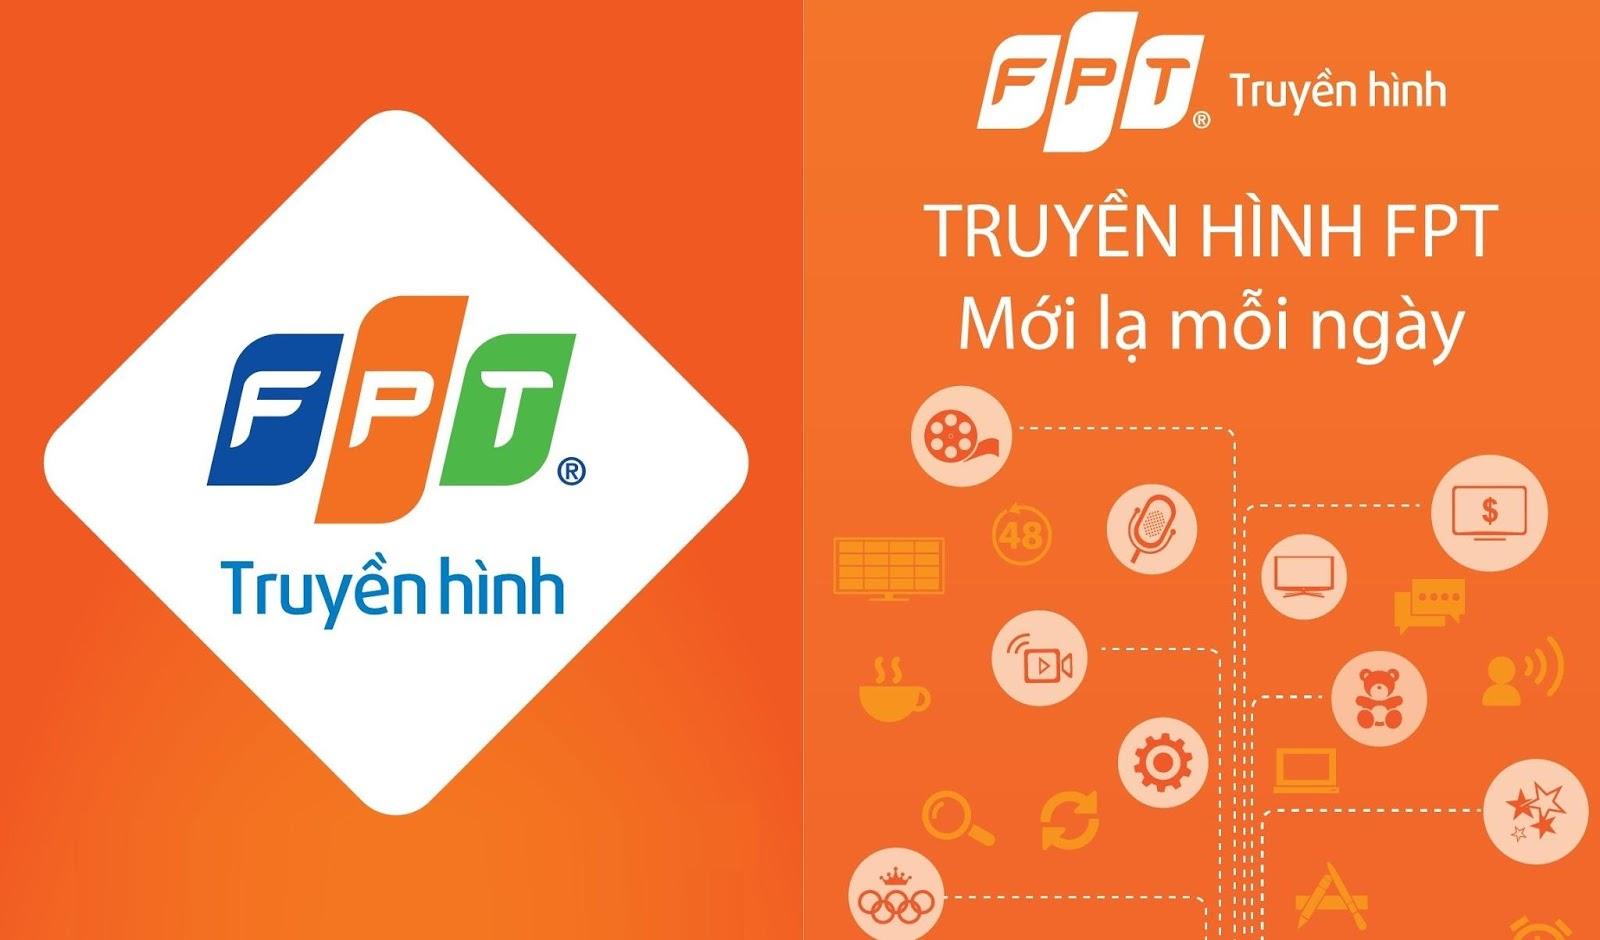 Liên hệ ngay Hotline để được tư vấn chi tiết về Truyền hình FPT